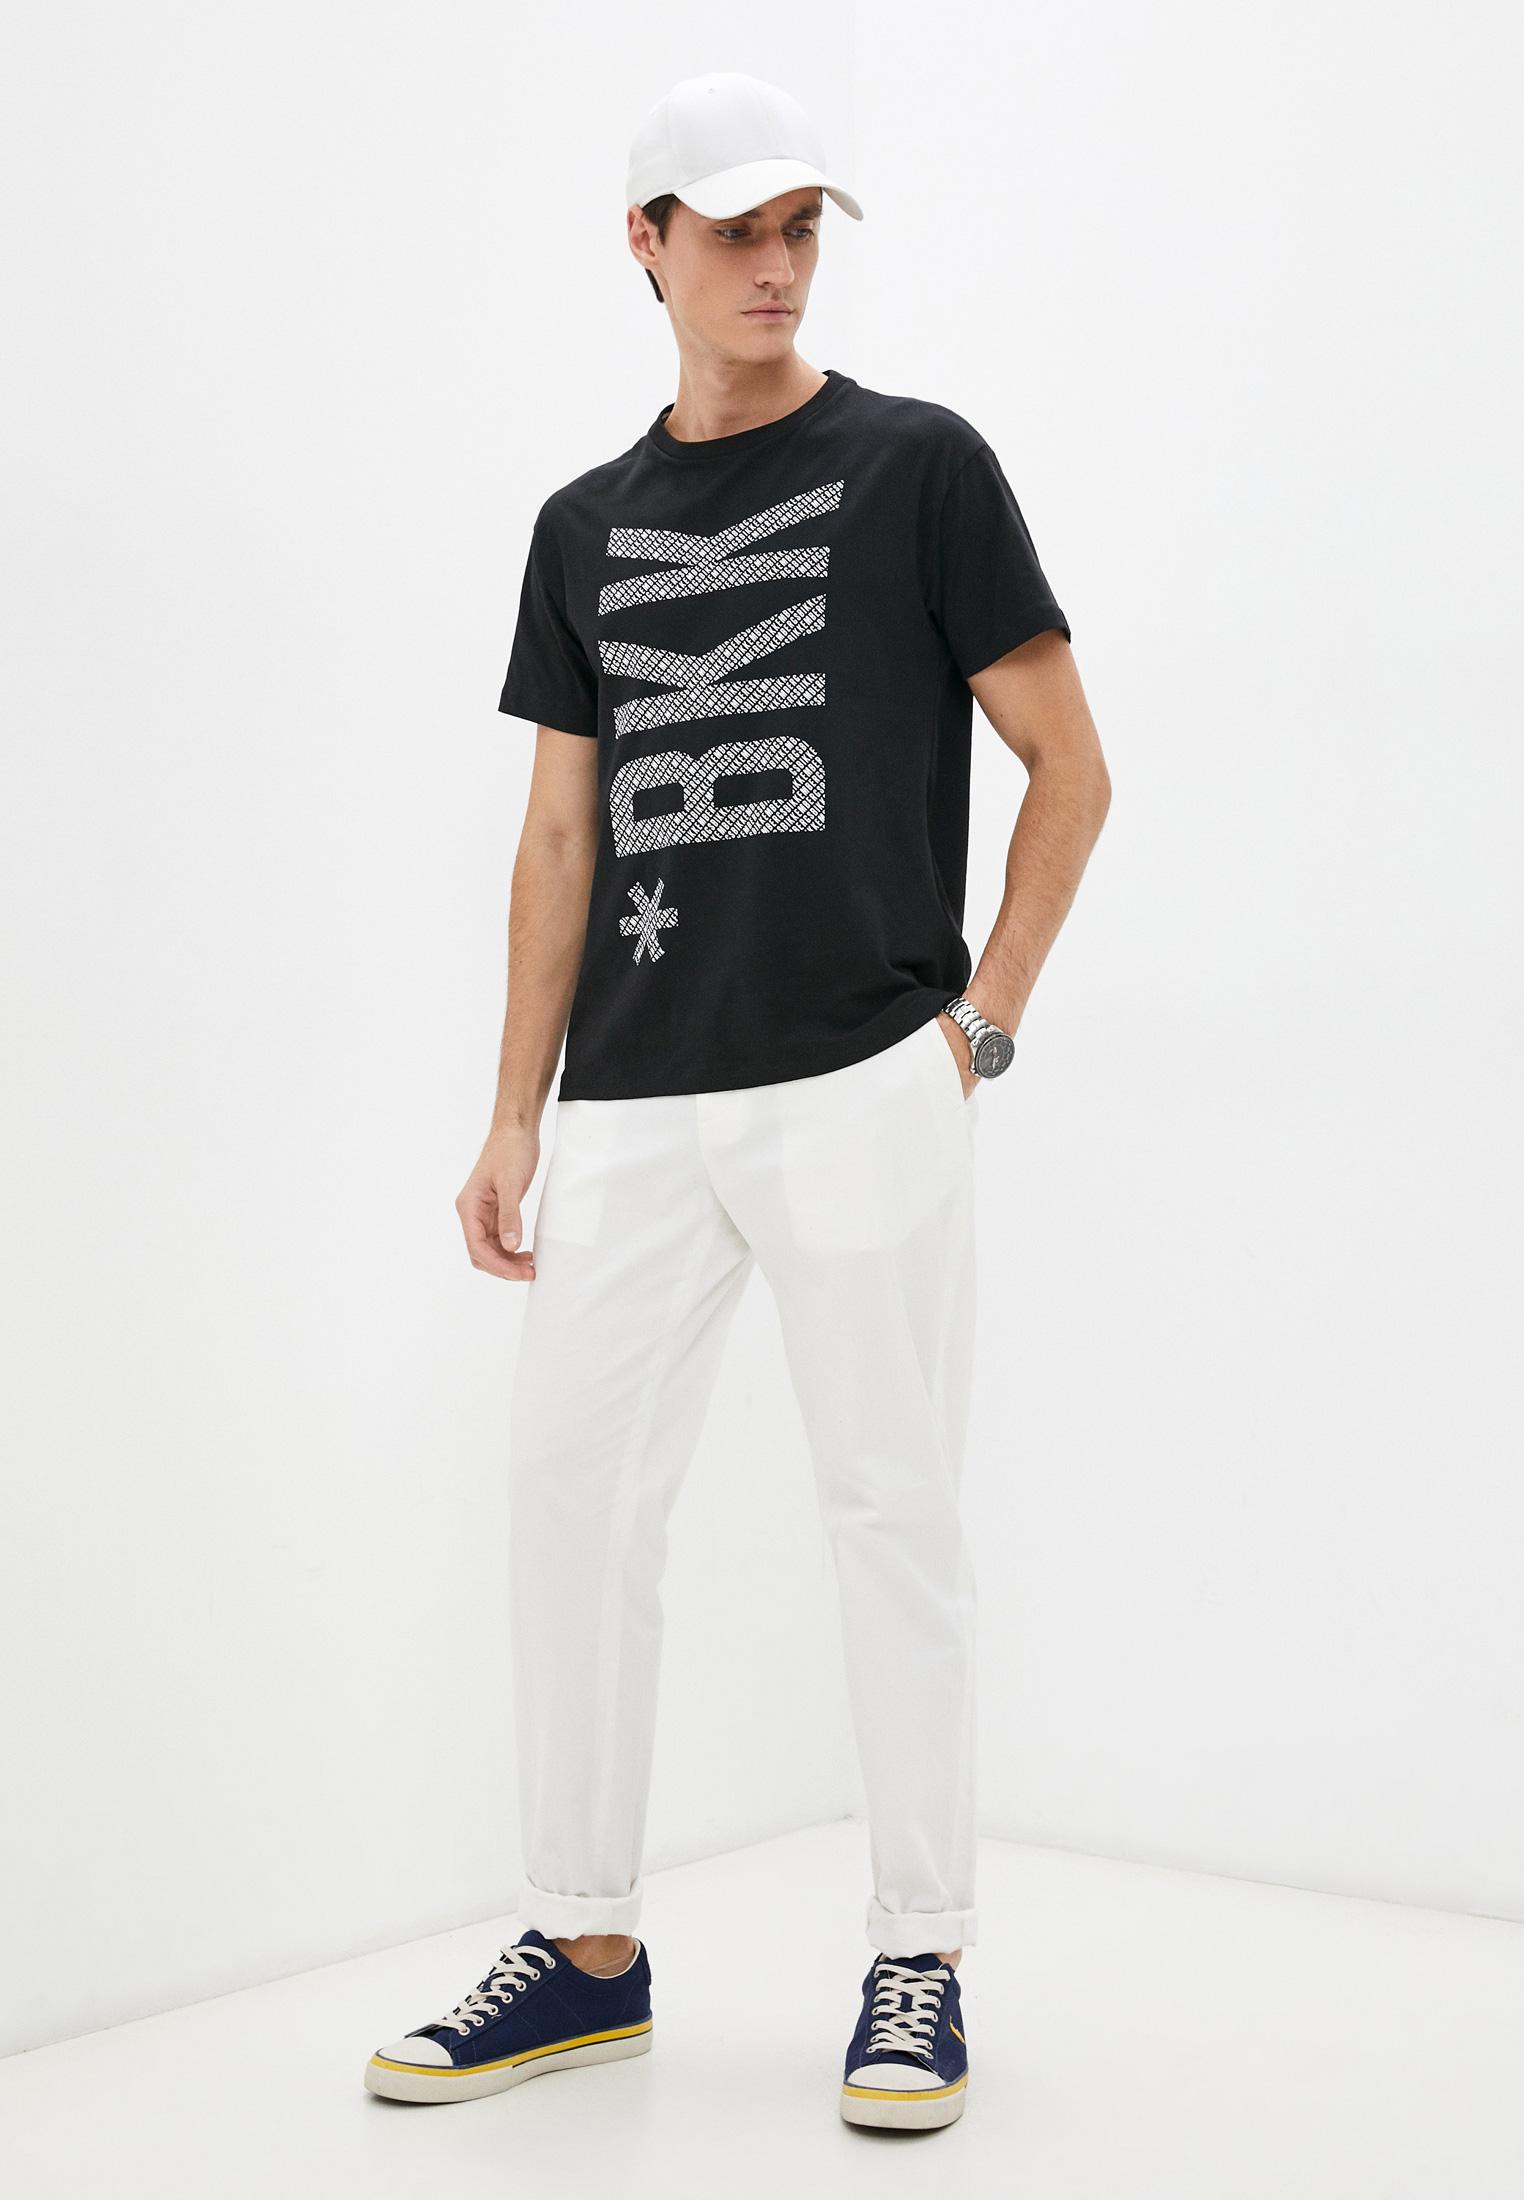 Мужская футболка Bikkembergs (Биккембергс) C 7 022 9U E 1823: изображение 8